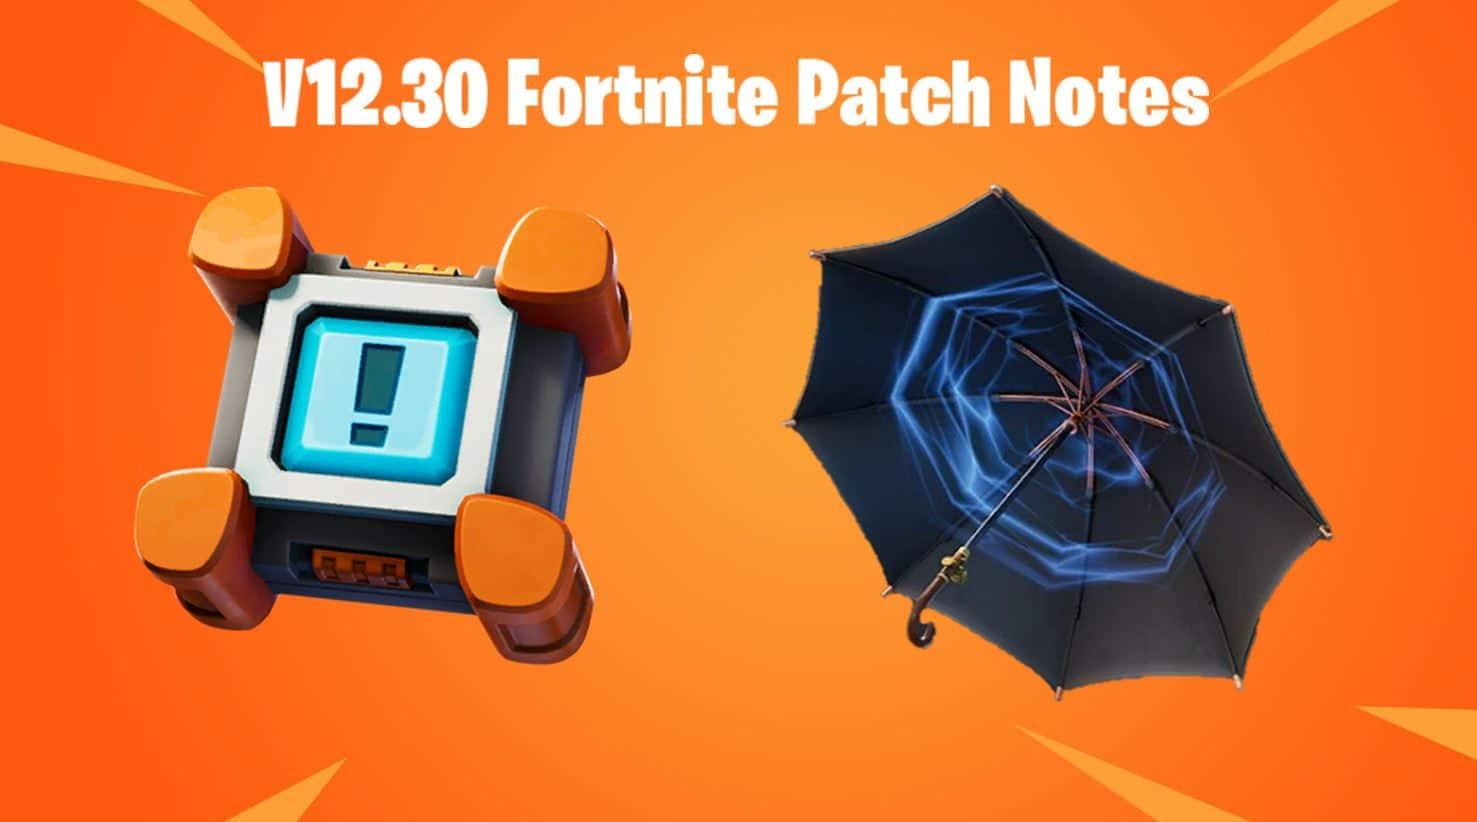 v12.30 Fortnite Patch Notes